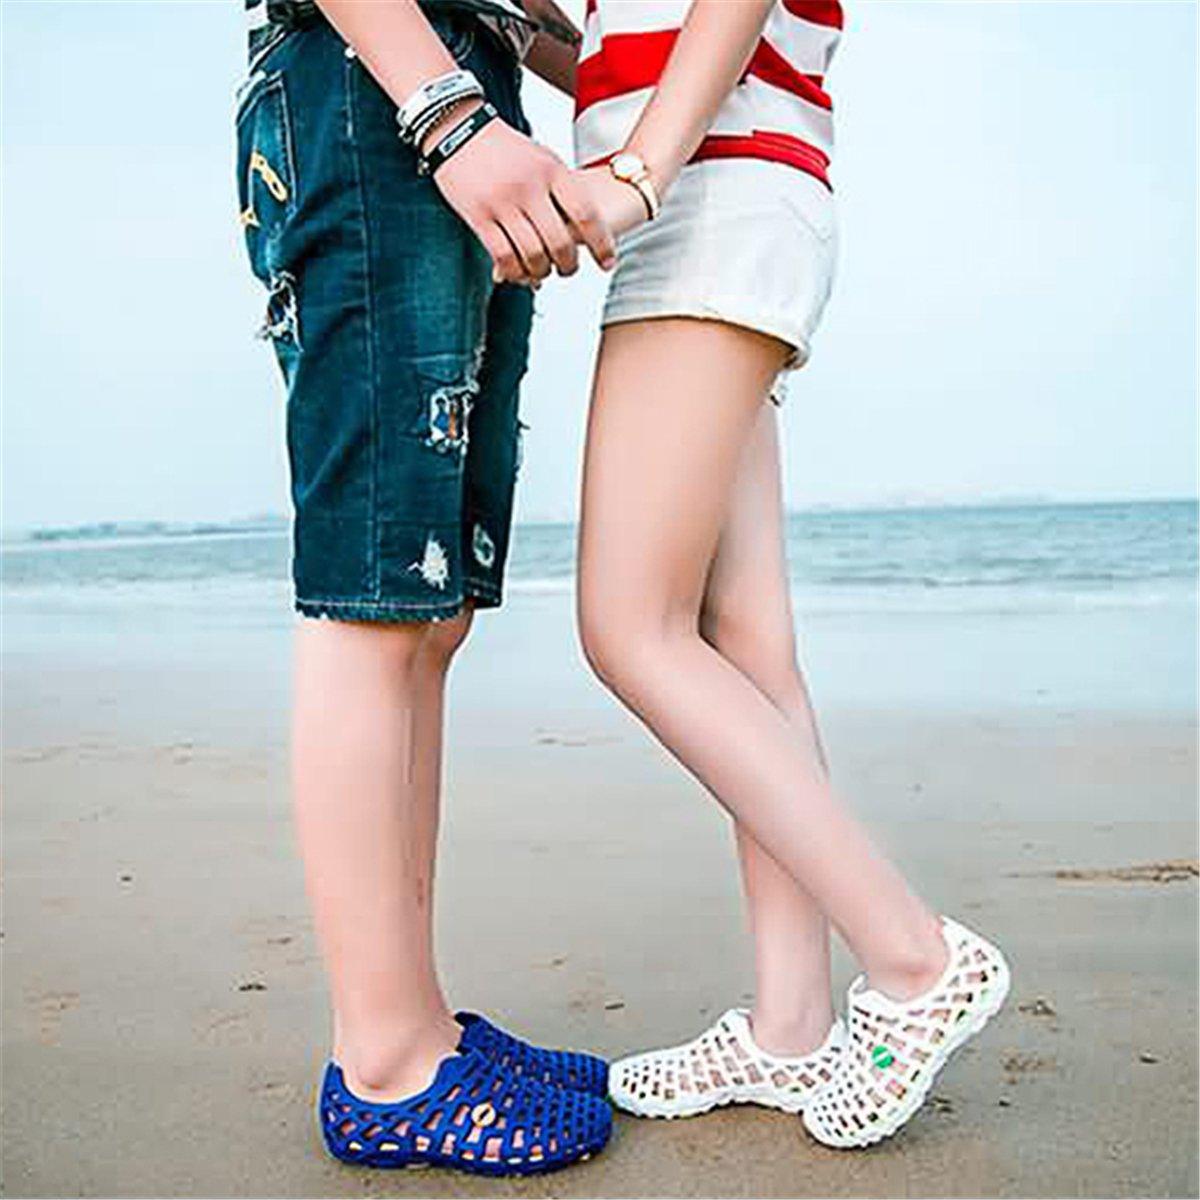 Sandales de Sport Aquatiques en Plastique /à Talons Plats Chaussons Ext/érieur /Ét/é pour Plage Piscine Mer Noir Bleu Gris Rose Souple et R/ésistant Gracosy Chaussures de Plage Homme Femme